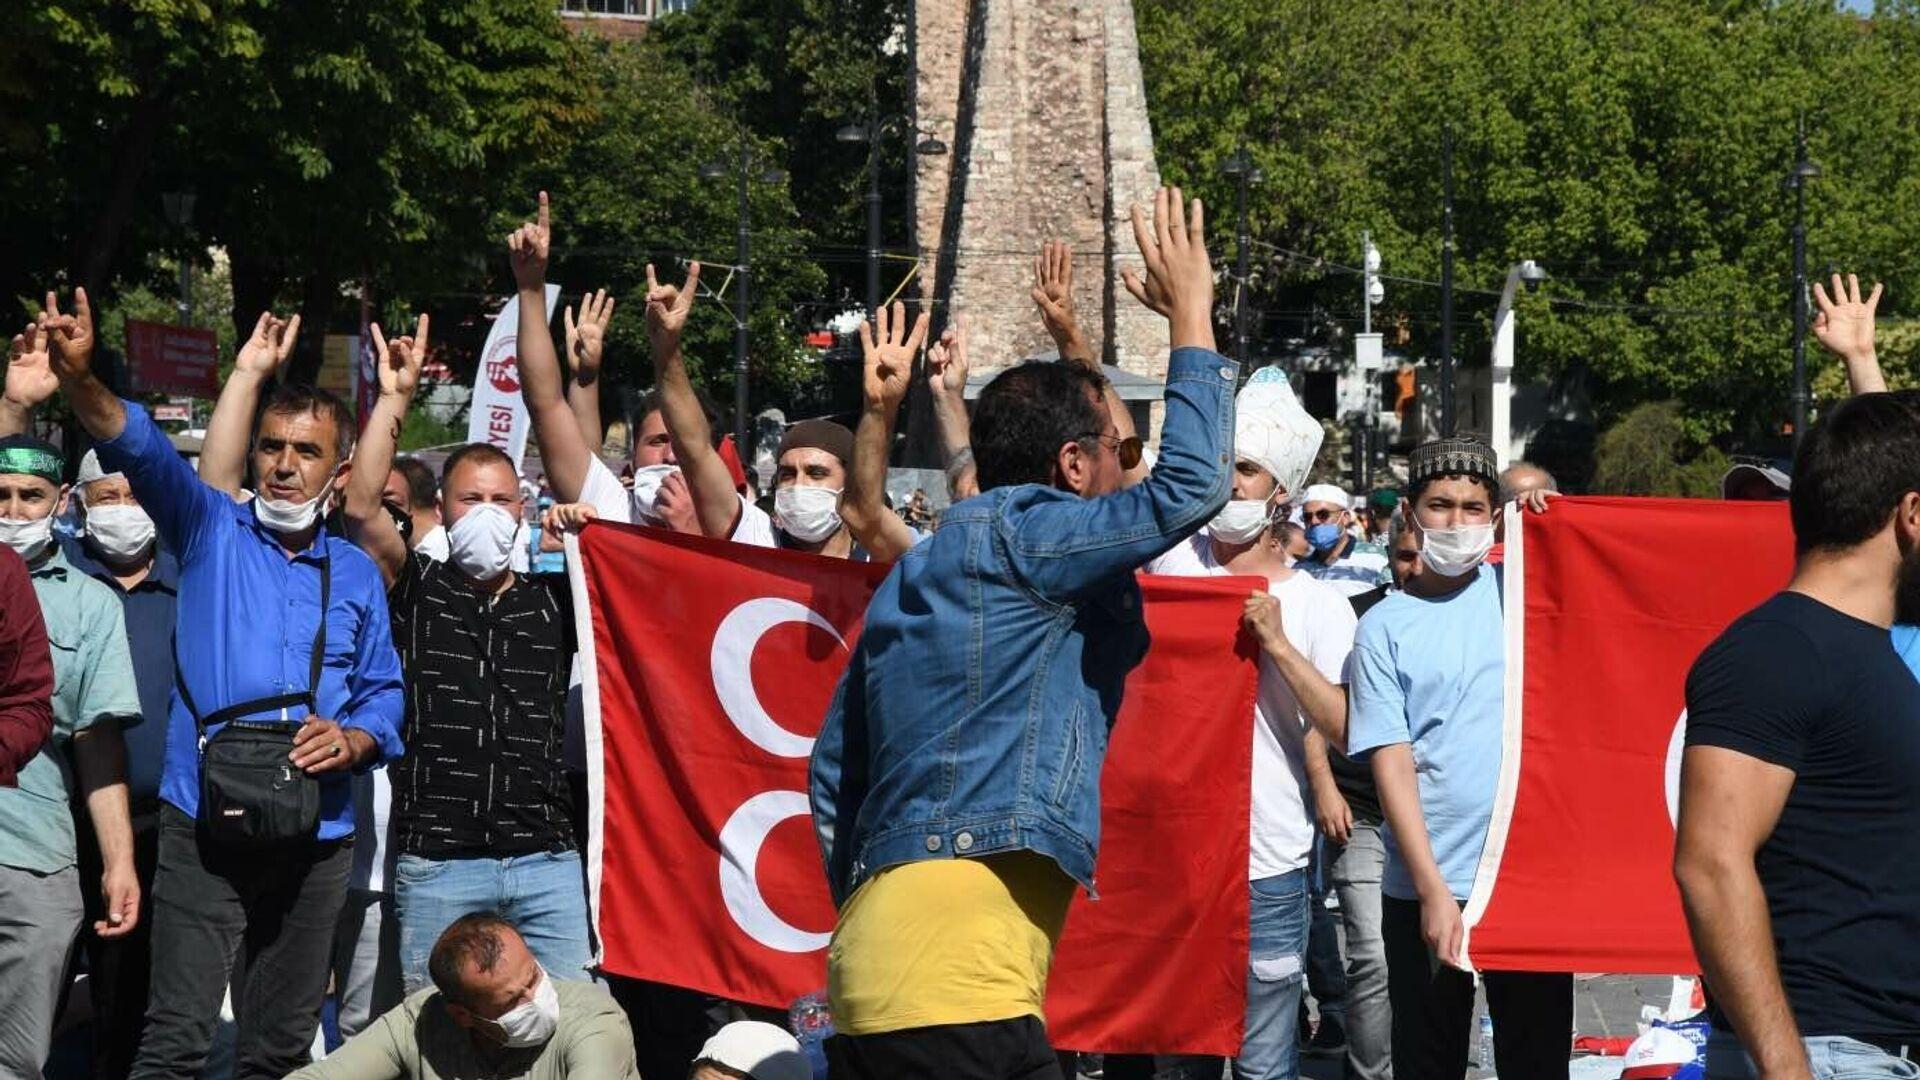 Верующие перед намазом на площади Султанахмет у собора Святой Софии в Стамбуле - РИА Новости, 1920, 25.07.2020